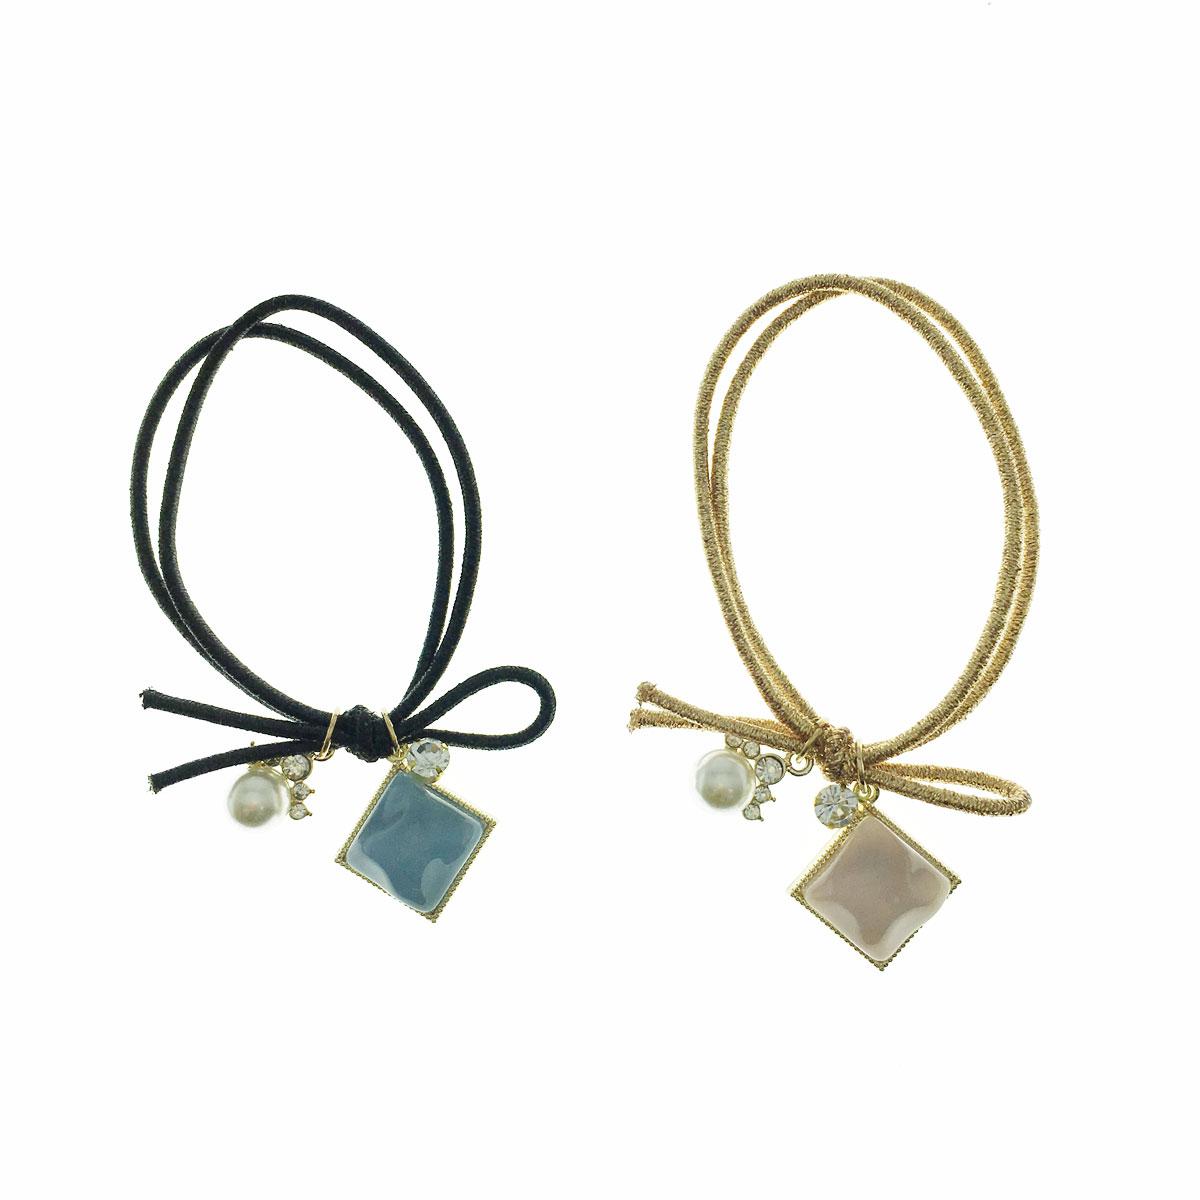 韓國 水鑽 珍珠 方形 兩色 髮束 髮飾